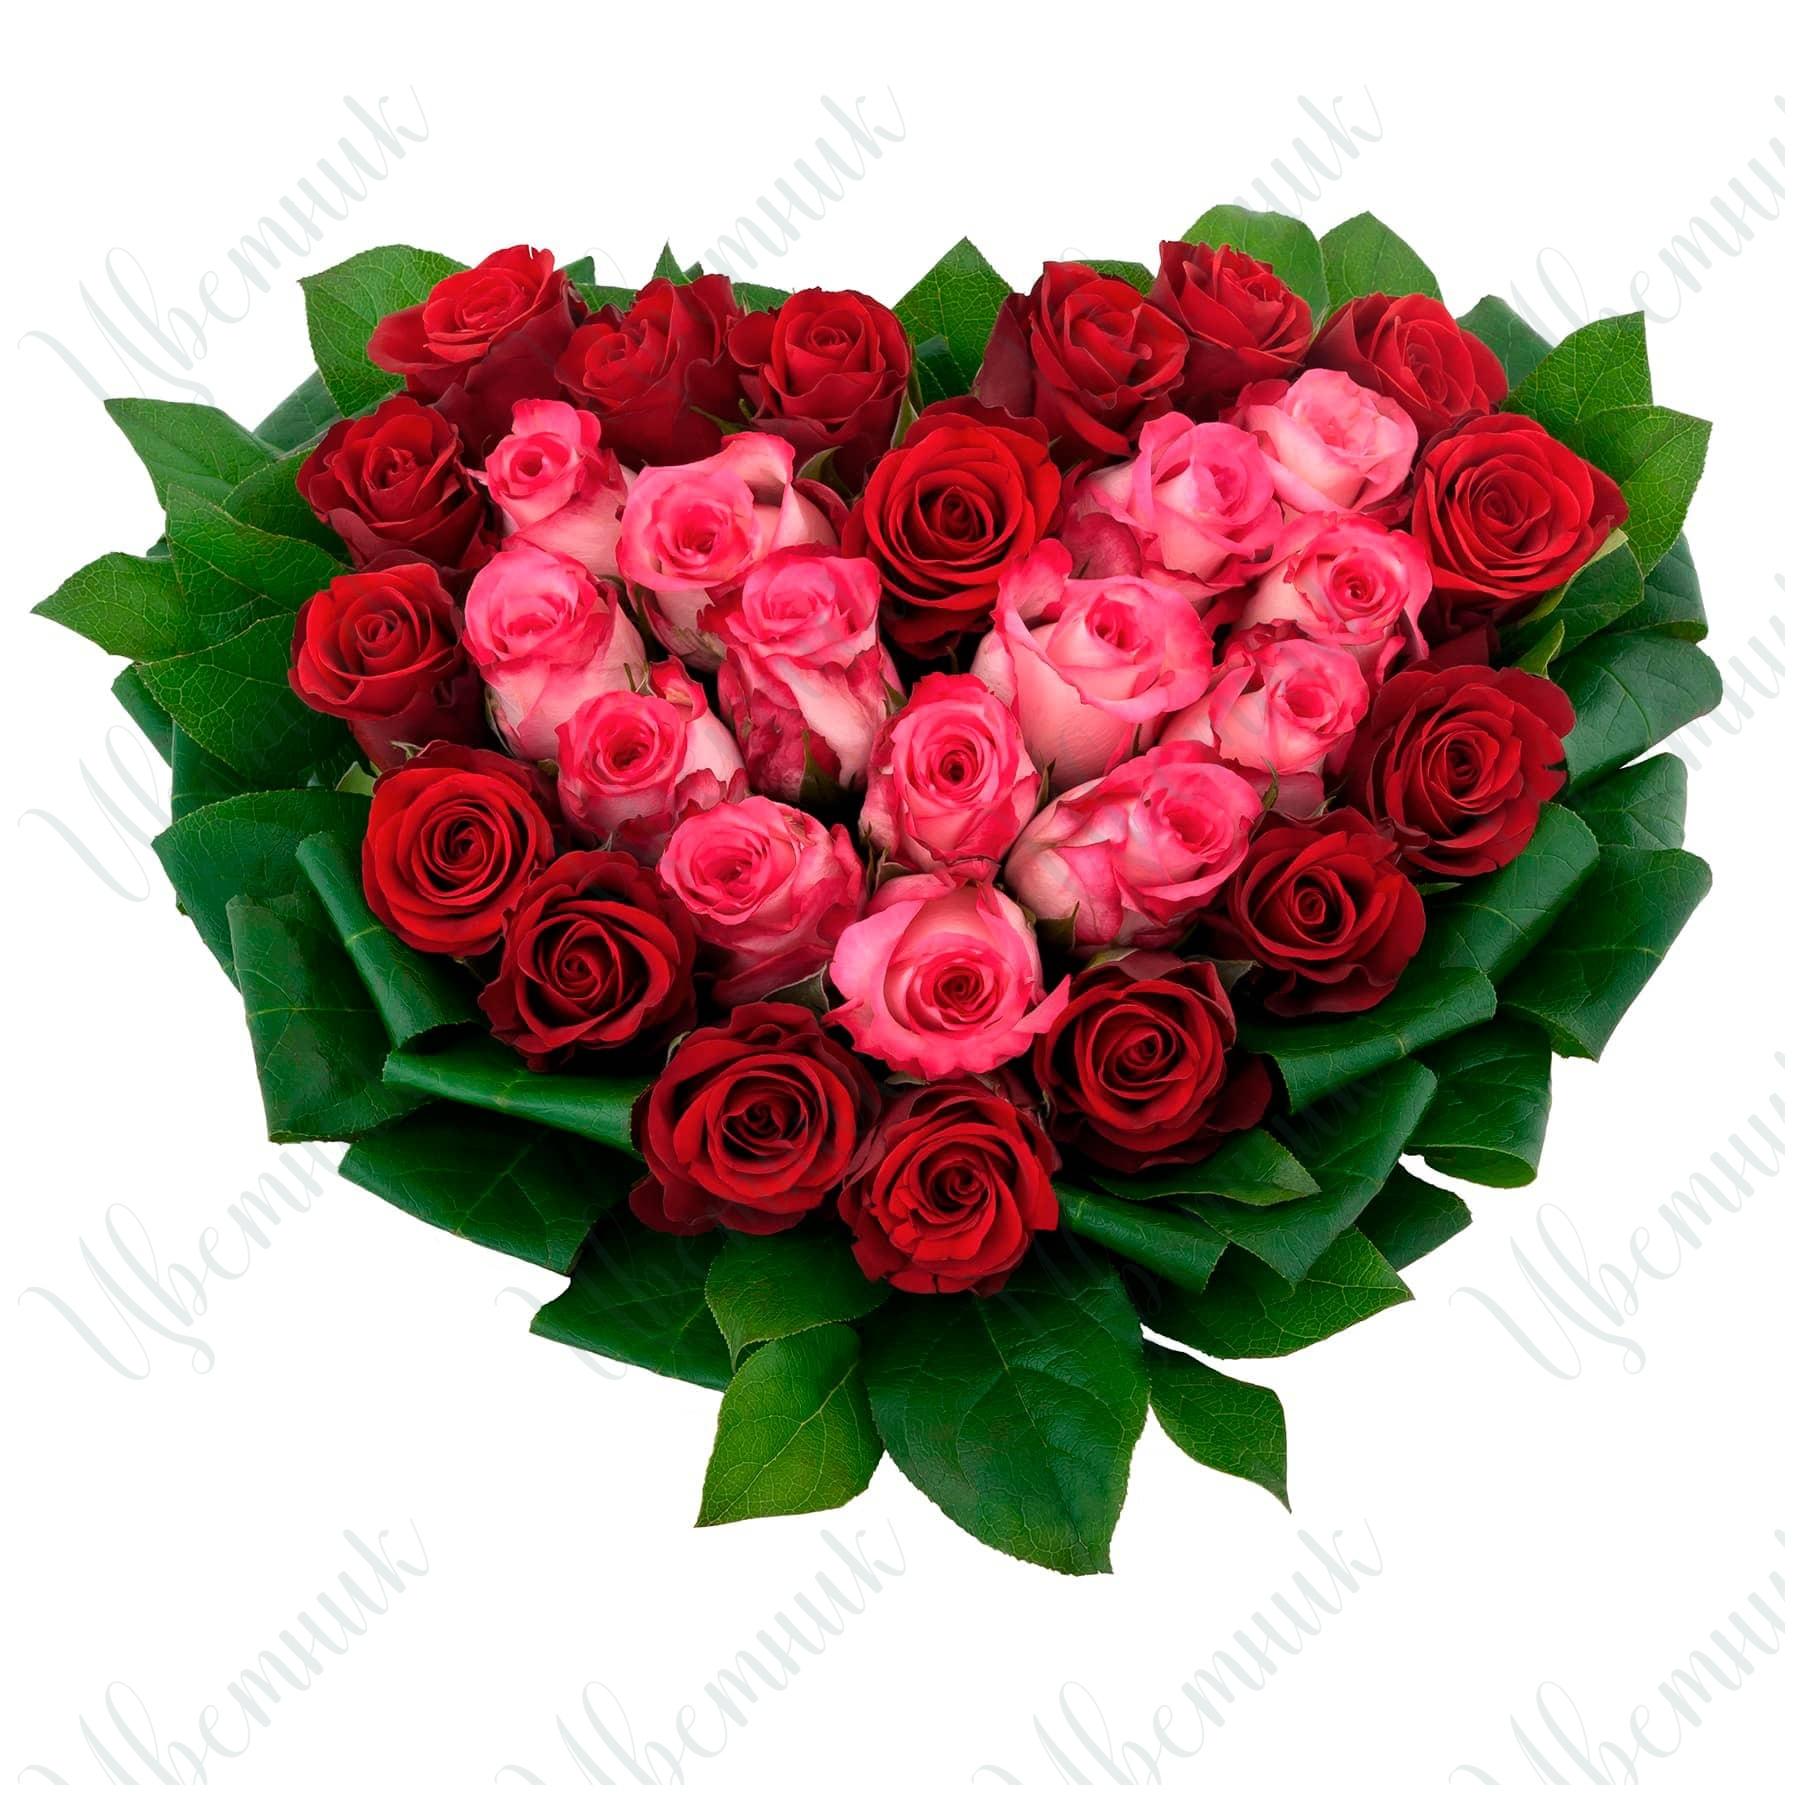 Букет-сердце из красных и розовых роз